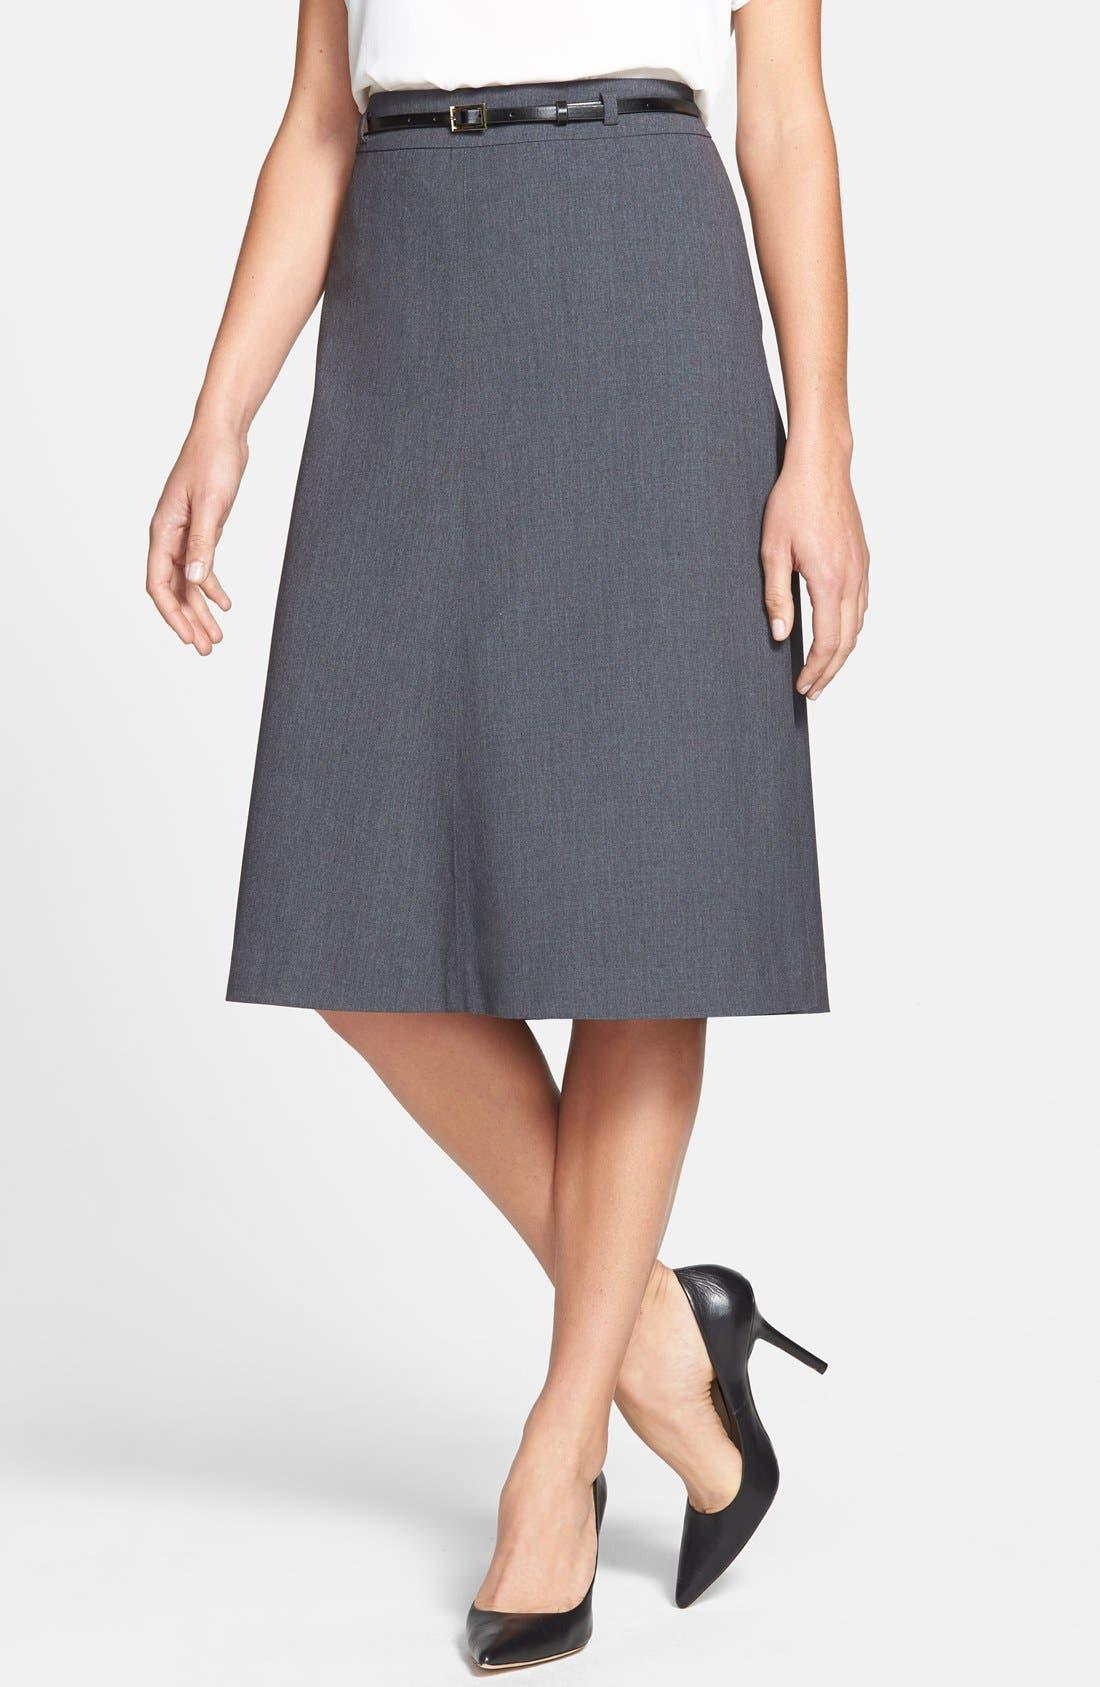 Alternate Image 1 Selected - Jones New York 'Isabel' Belted Boot Skirt